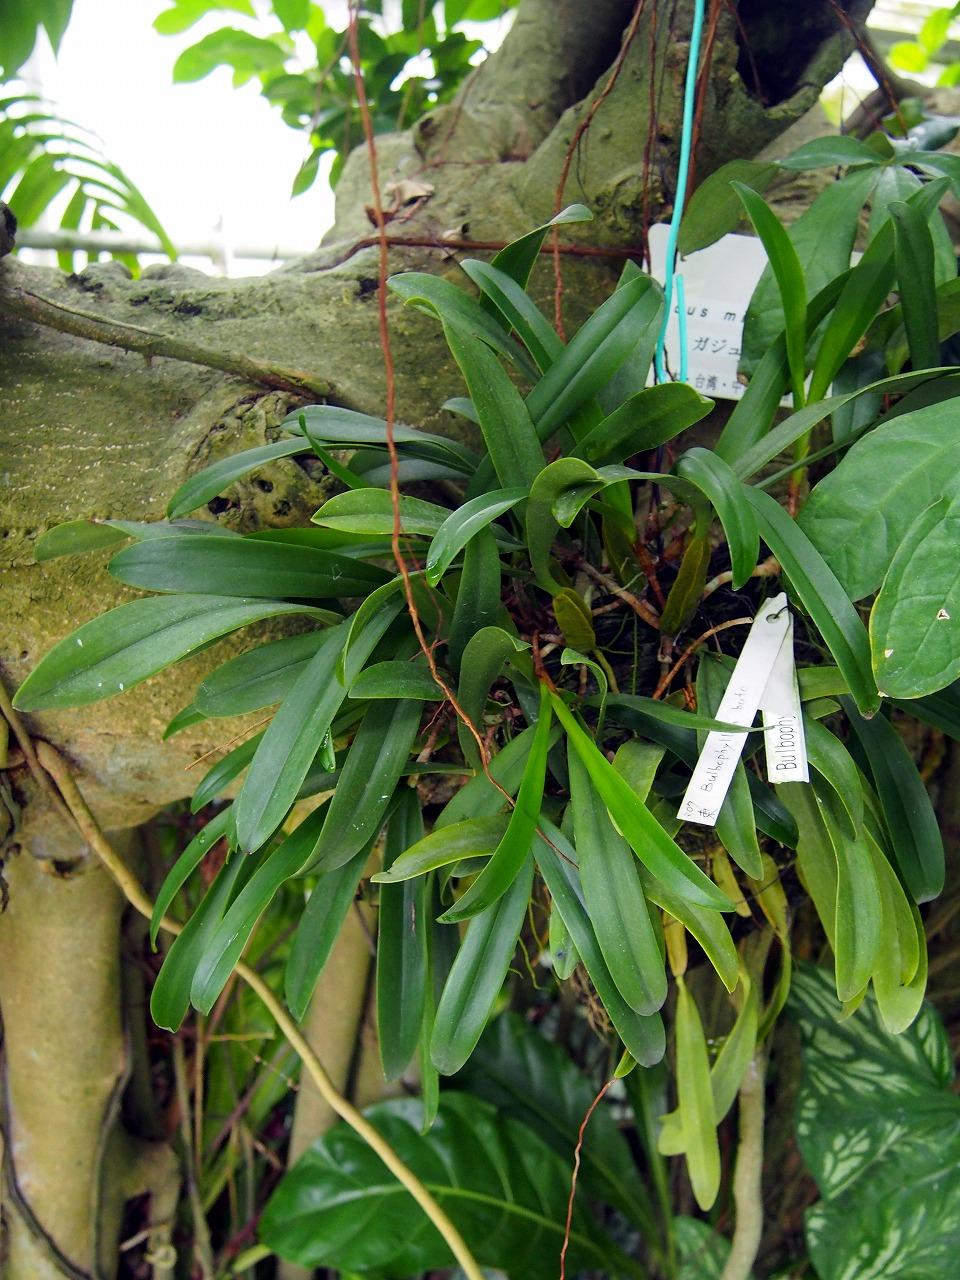 BotanicalGarden97_20141115.jpg